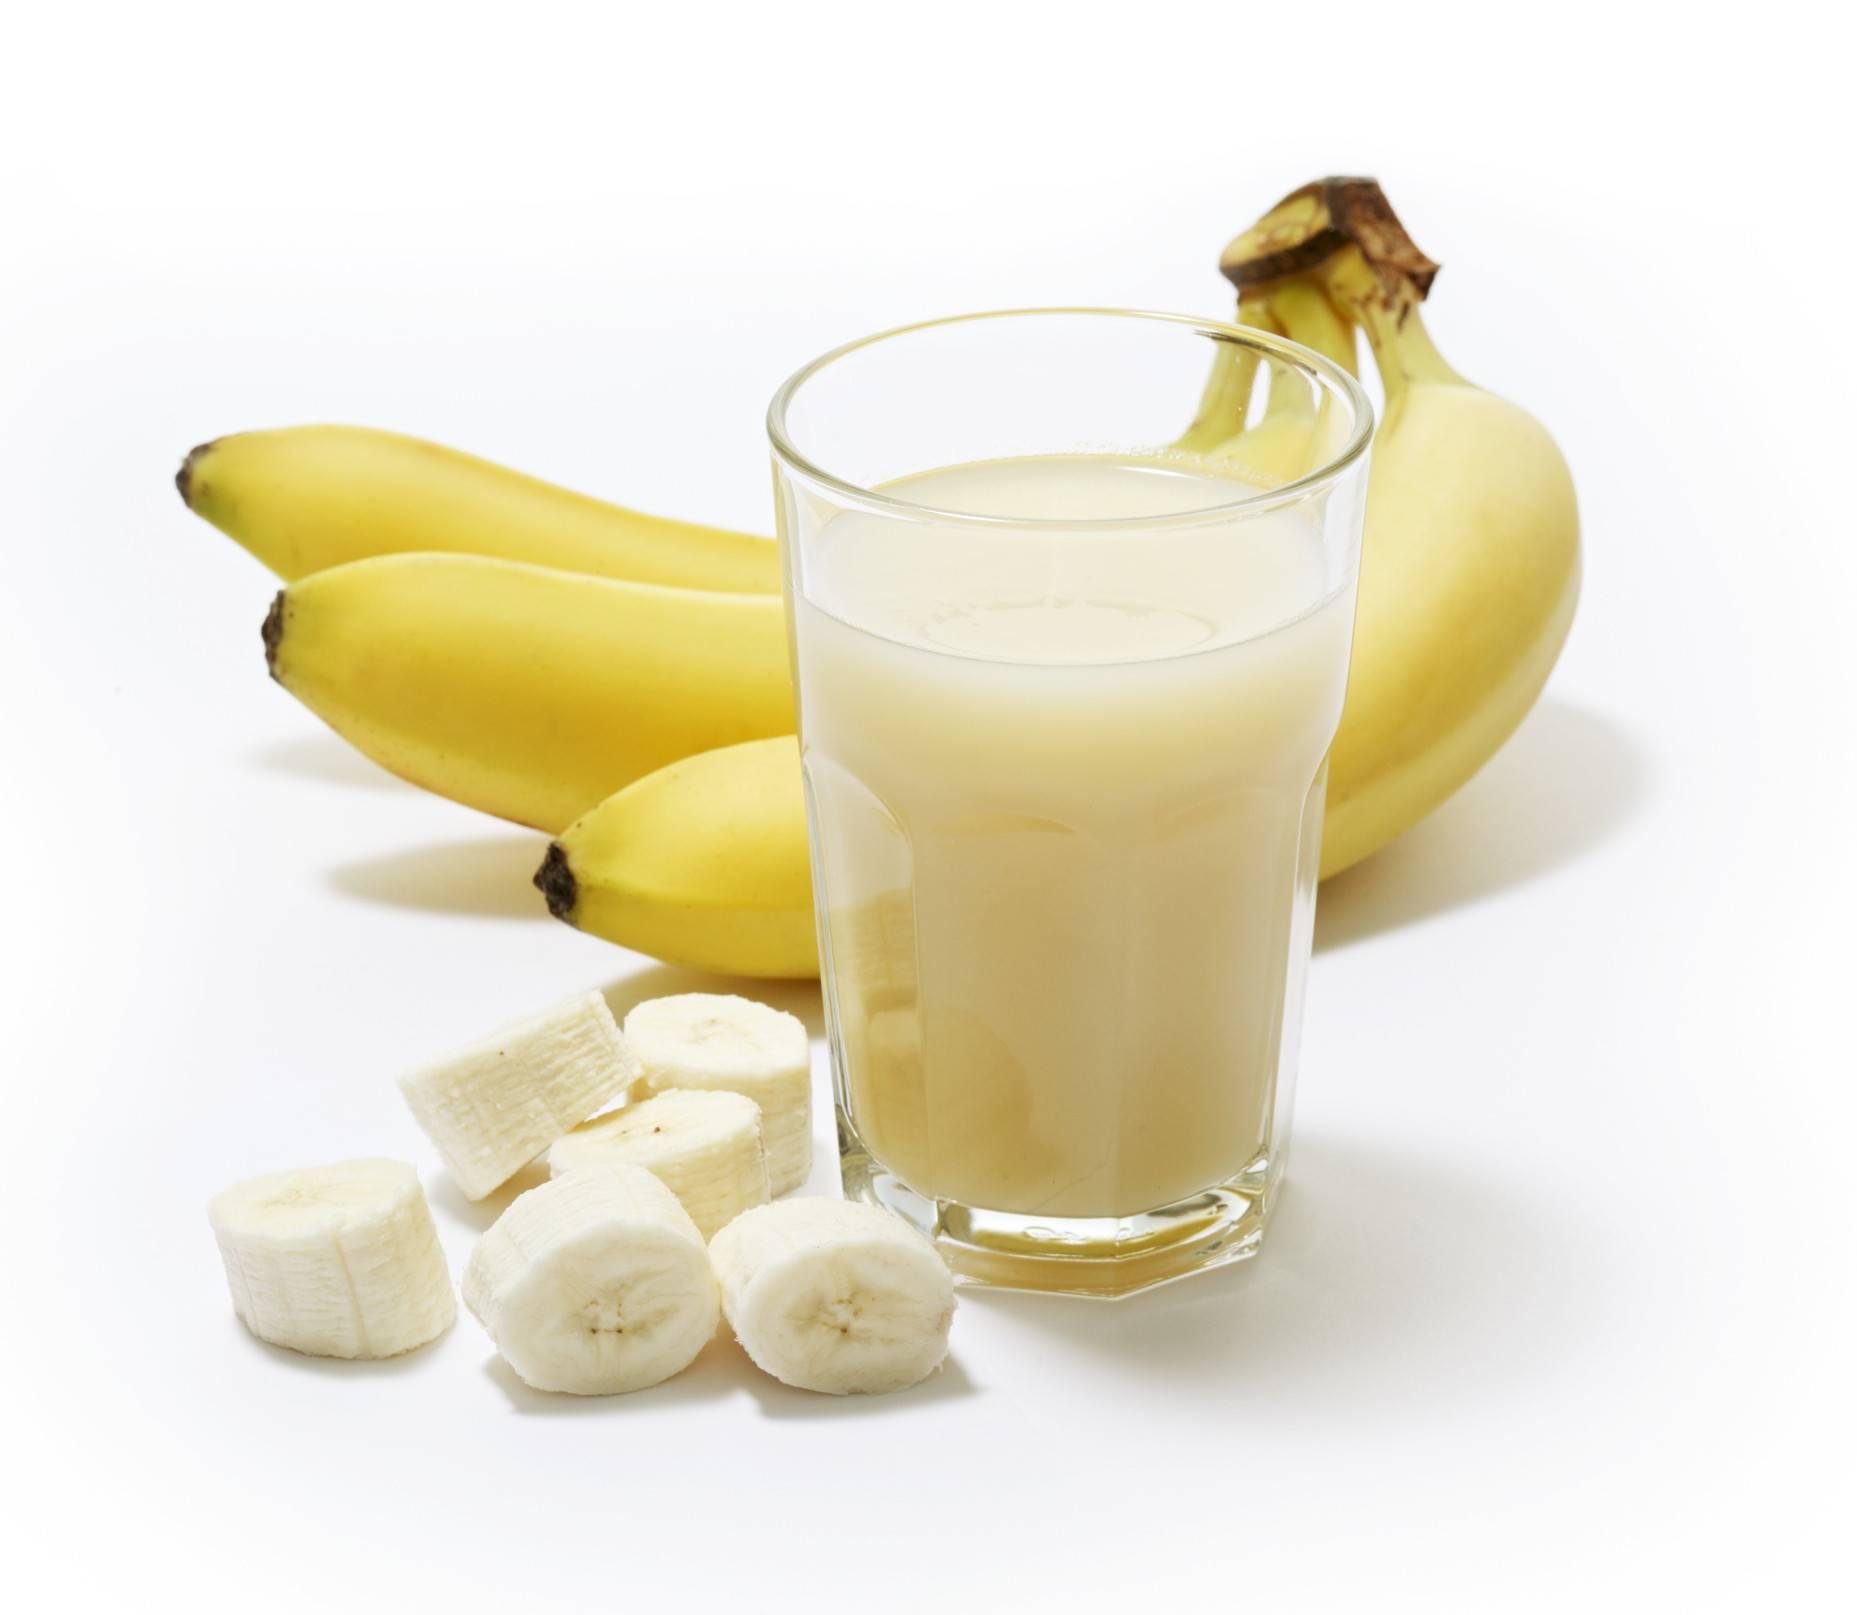 Банановый ликер: рецепт в домашних условиях, коктейли